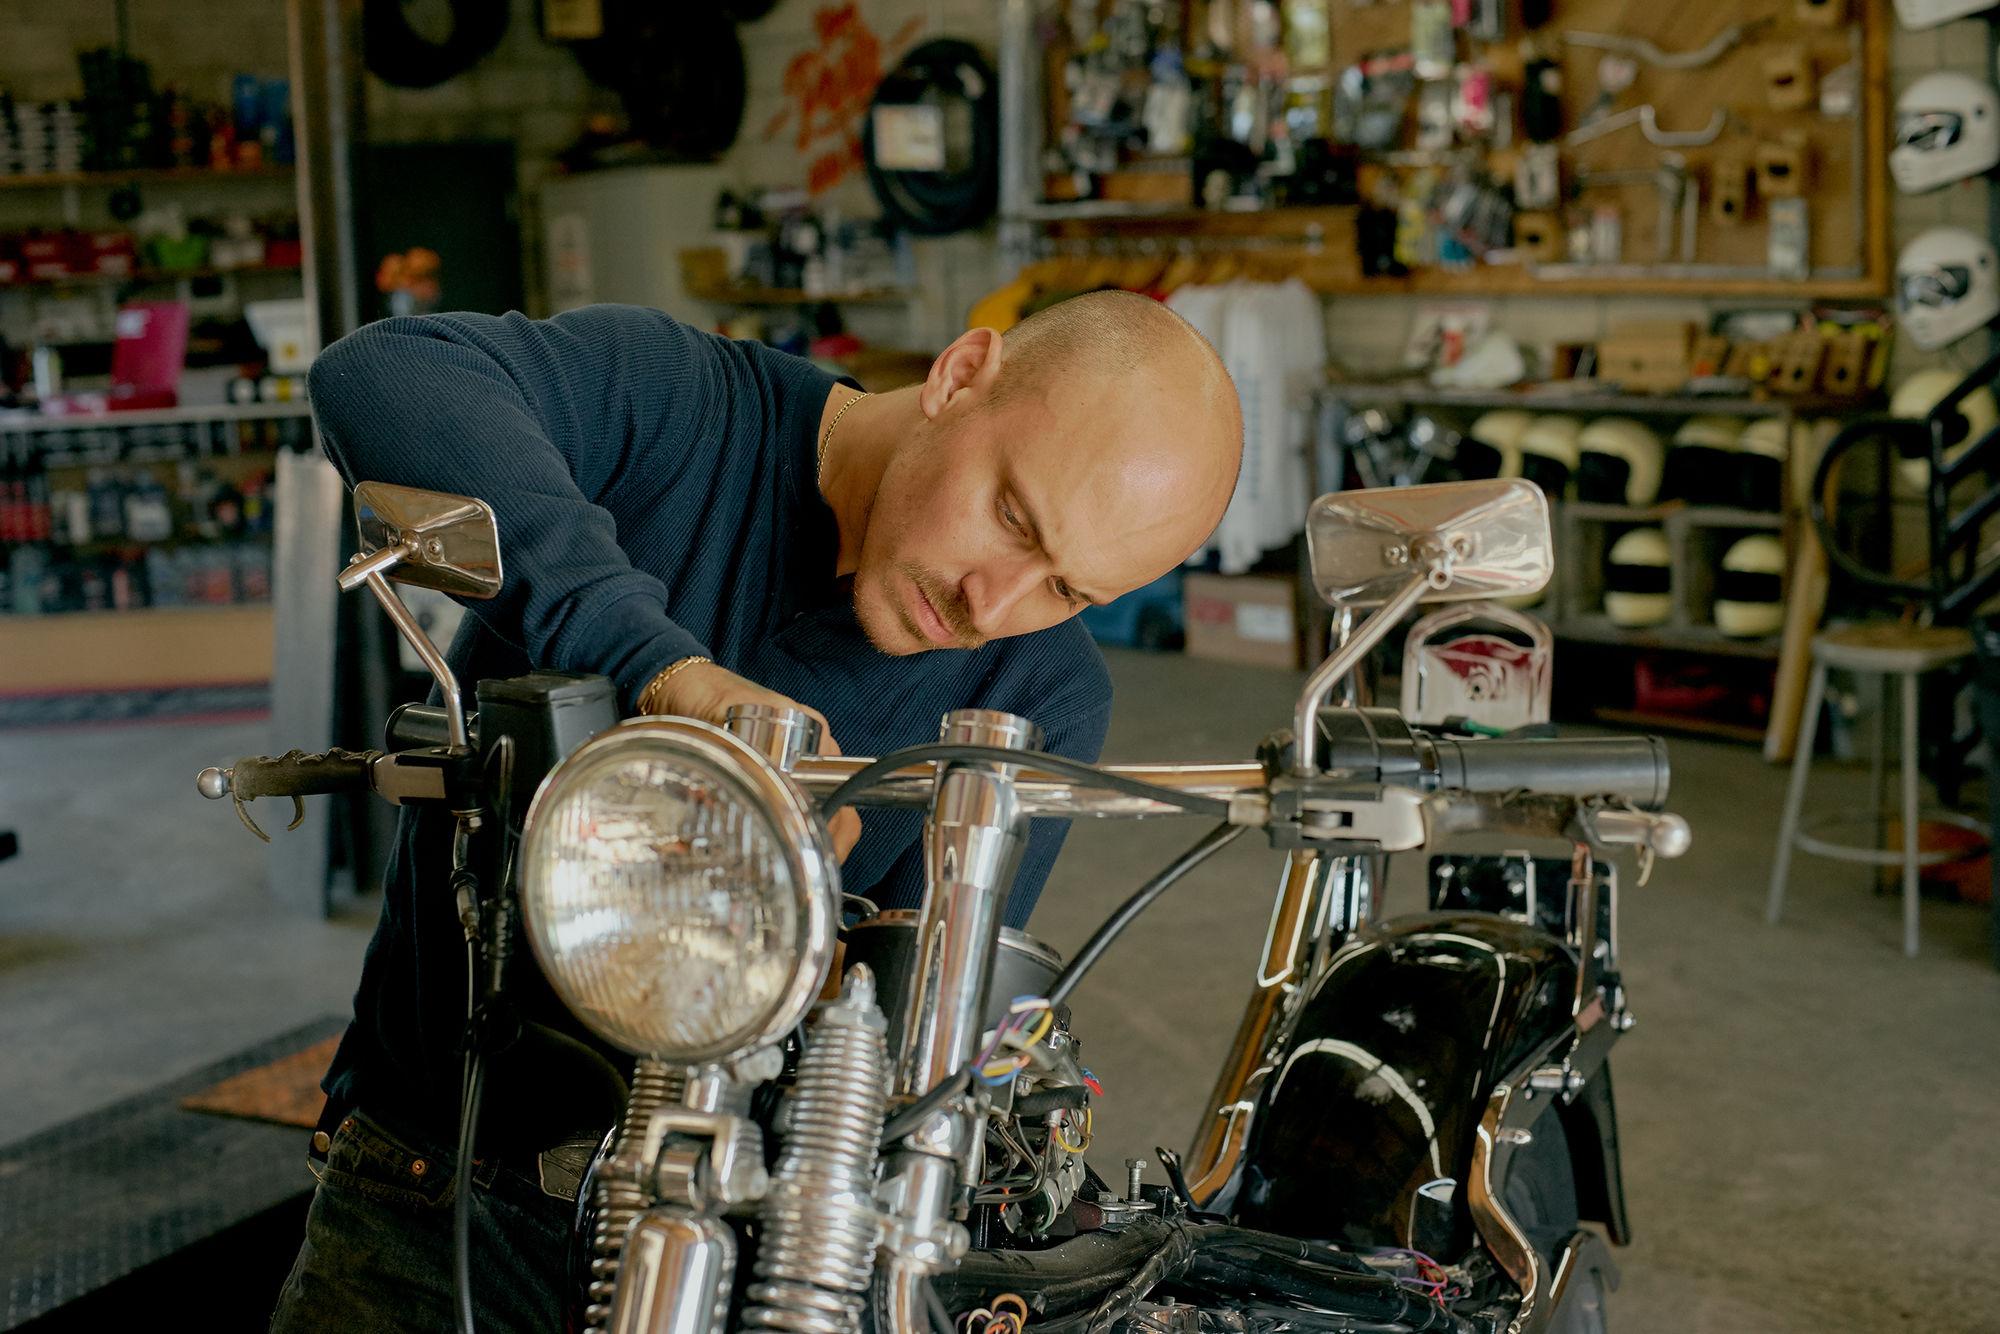 Ruben Riermeier, DIY Garage, personal work